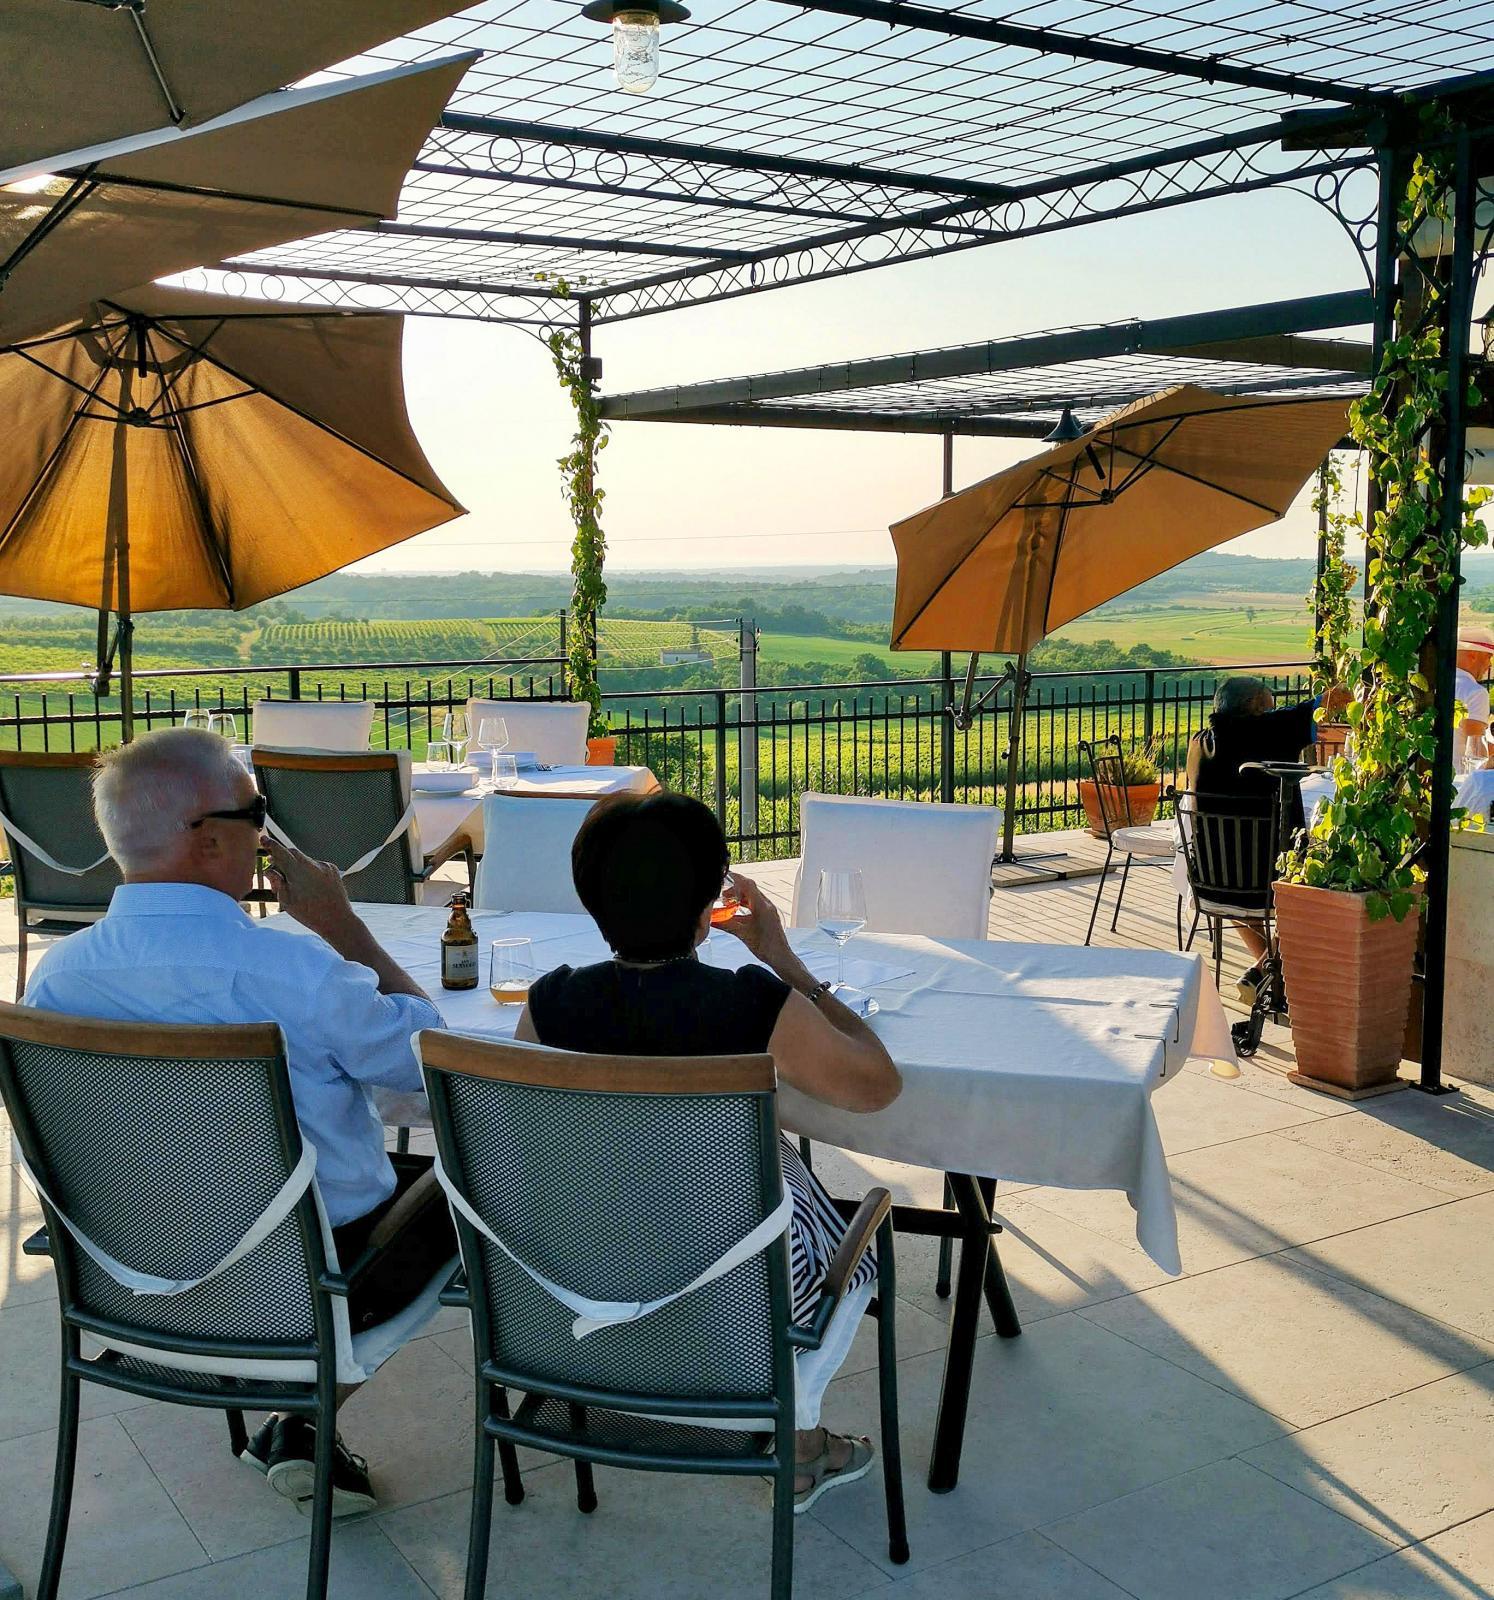 Restauranger med gott lokalproducerat vin finns inom räckhåll från campingen. Istrien är målet för gourmander som gillar utsökt mat och dryck.